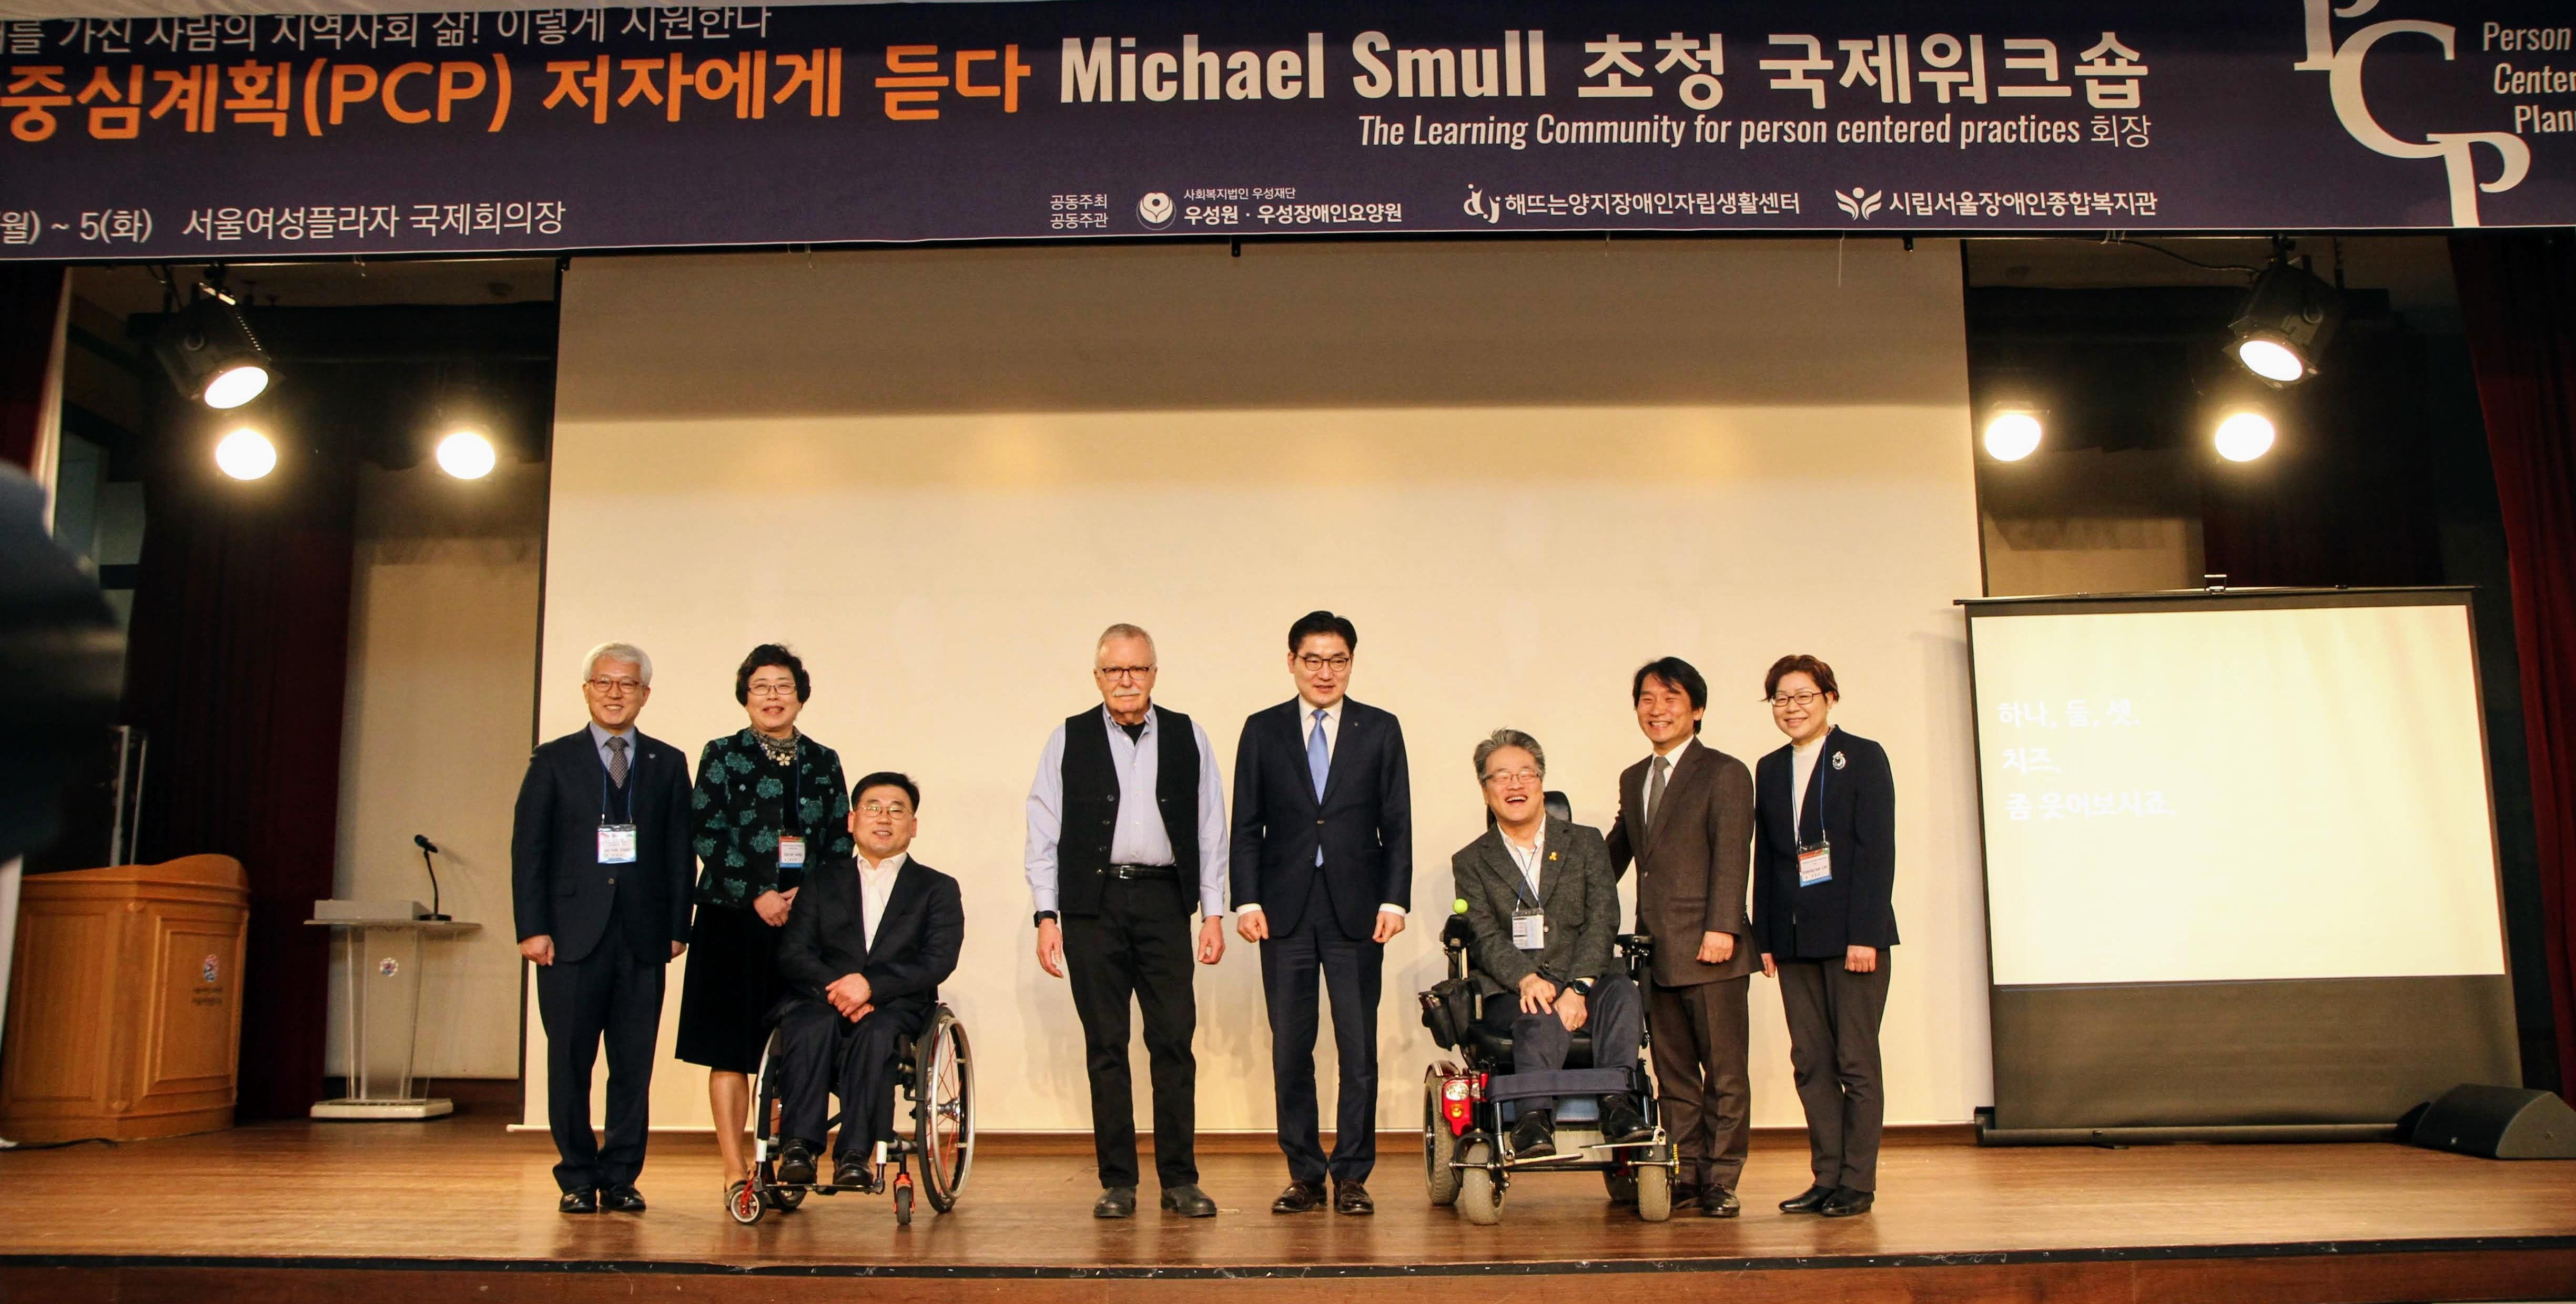 강동구, 발달장애인 지원 첫걸음 사람중심계획(PCP) 세미나 개최